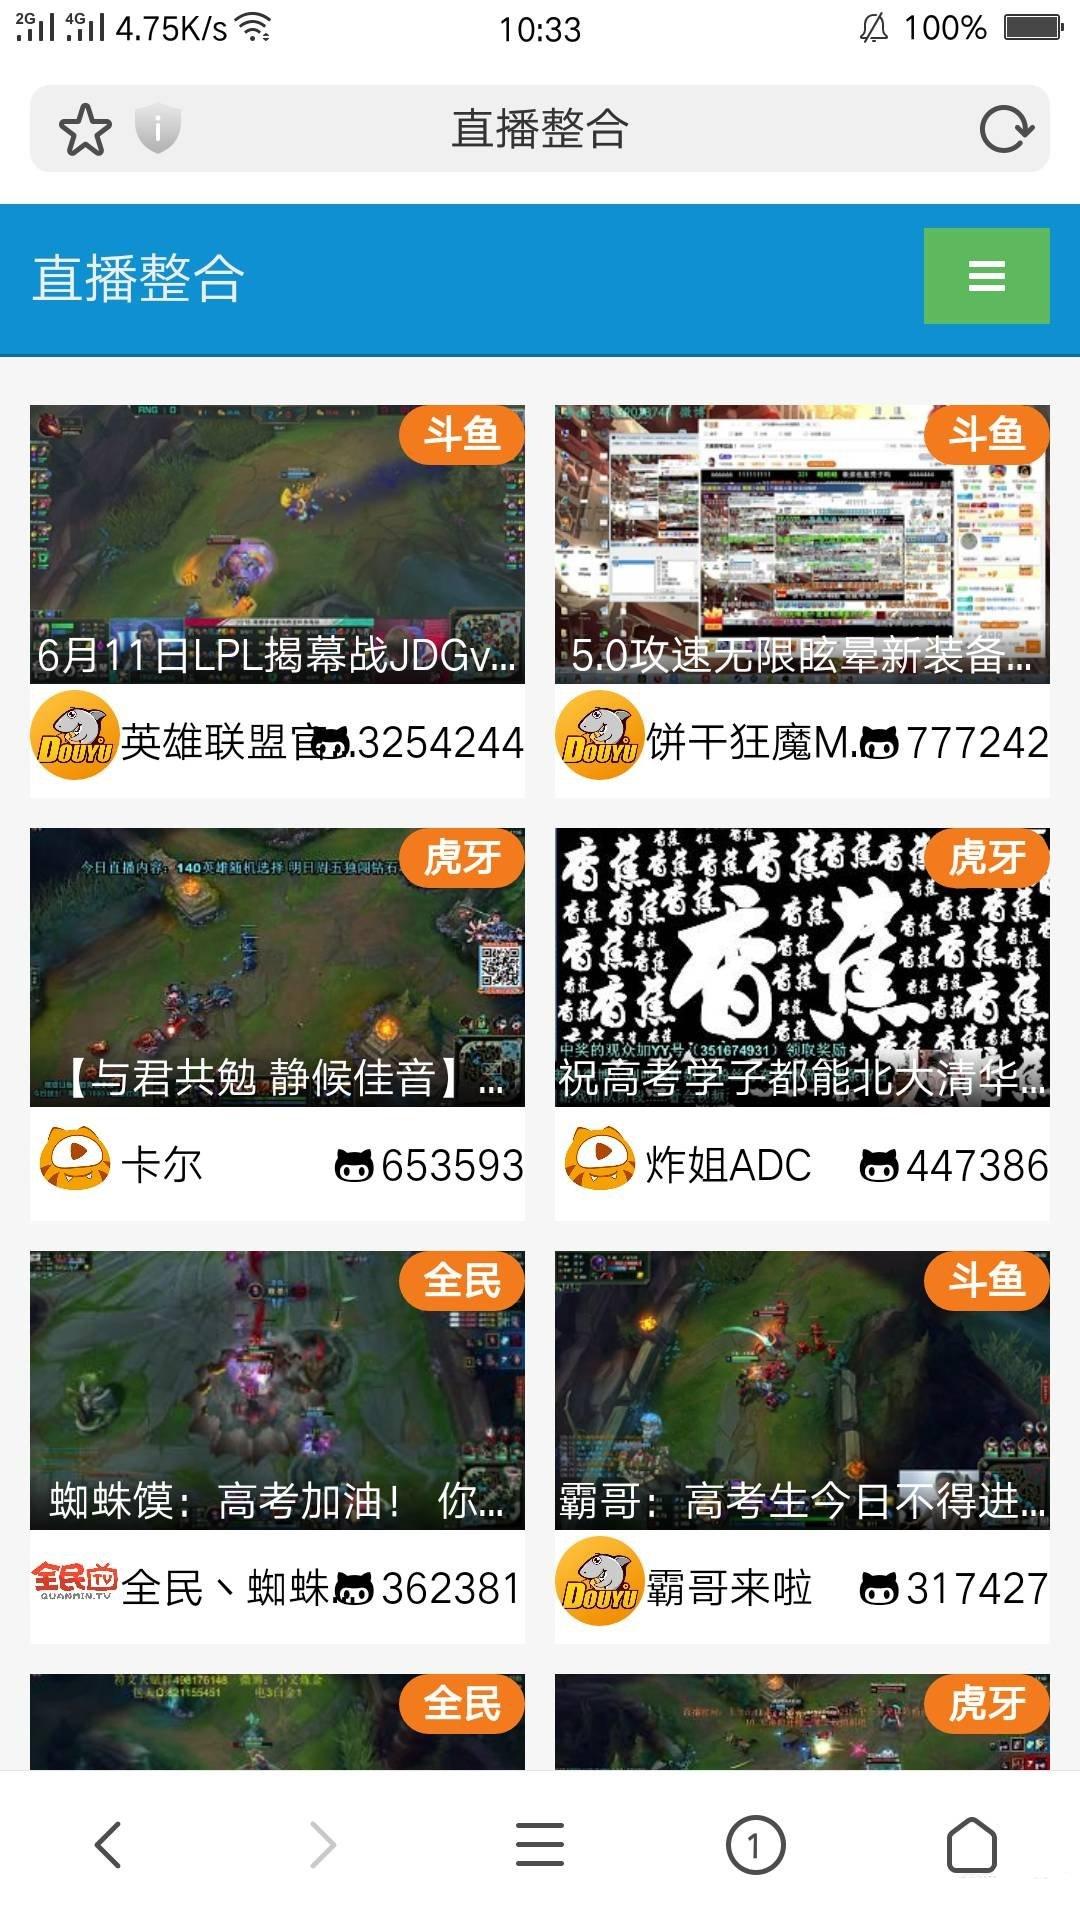 直播平台在线采集整合源码PC+手机端 包含虎牙、斗鱼、熊猫、战旗、全民、龙珠六大平台